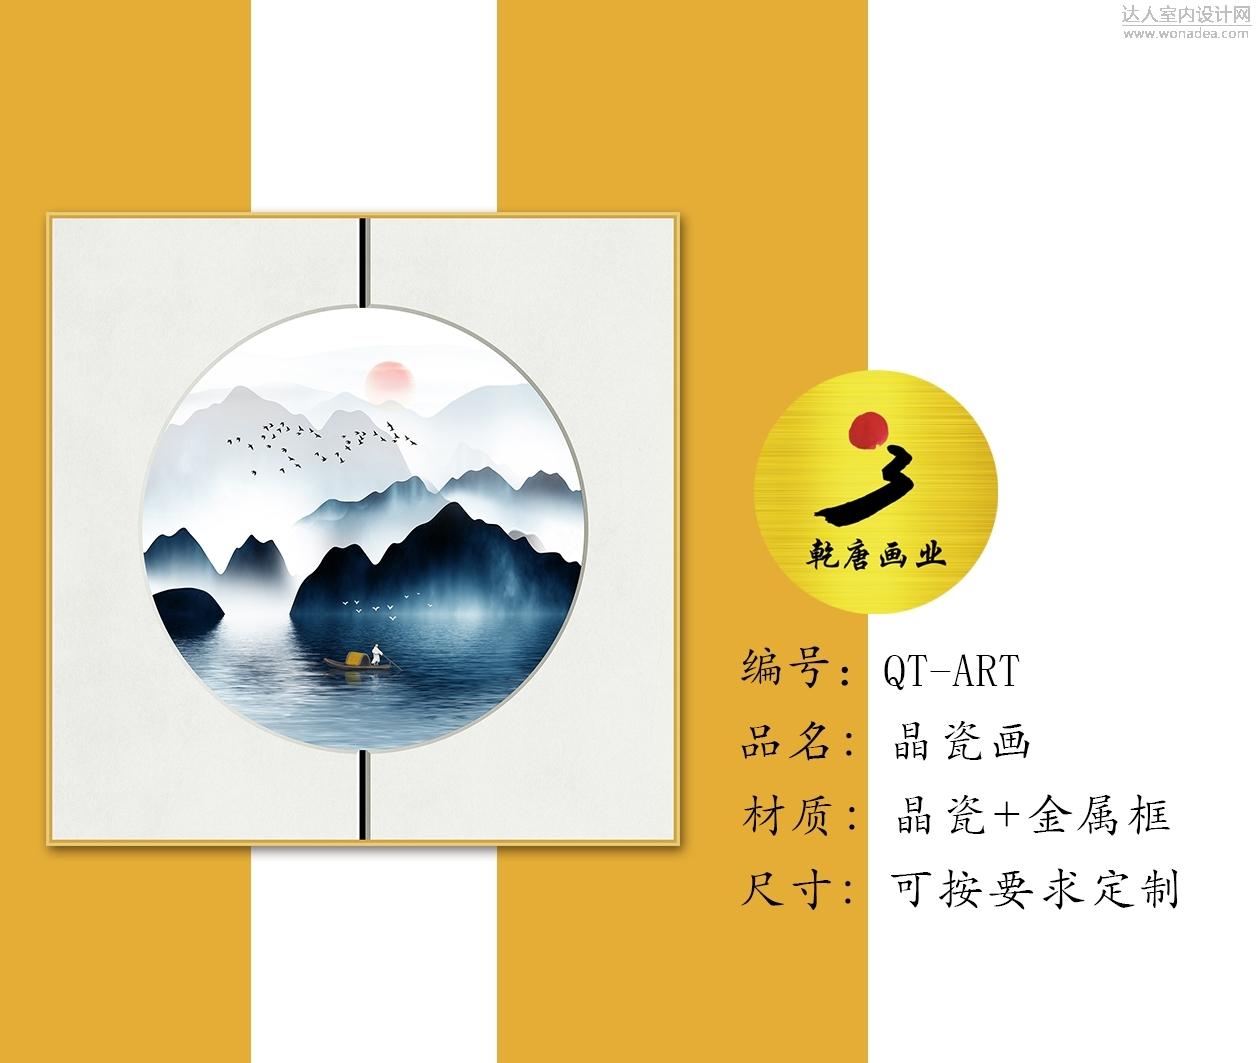 QT-ART-8 (188).jpg